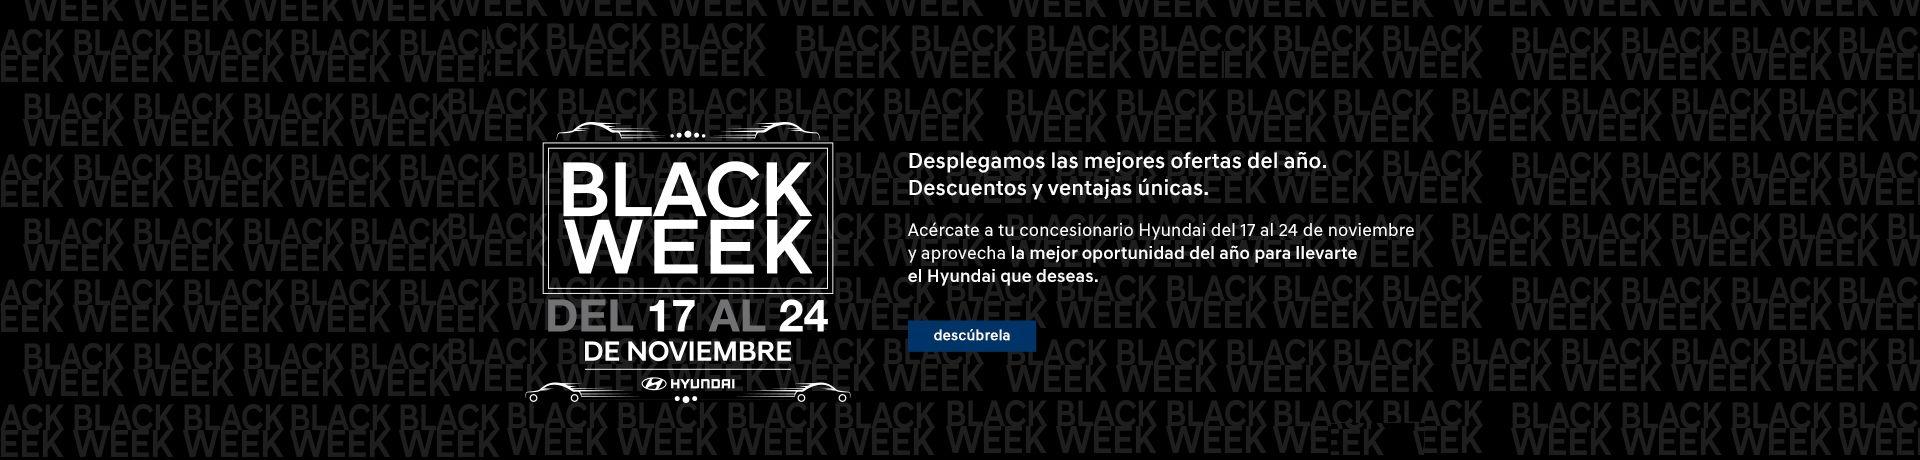 blackweekhyundai